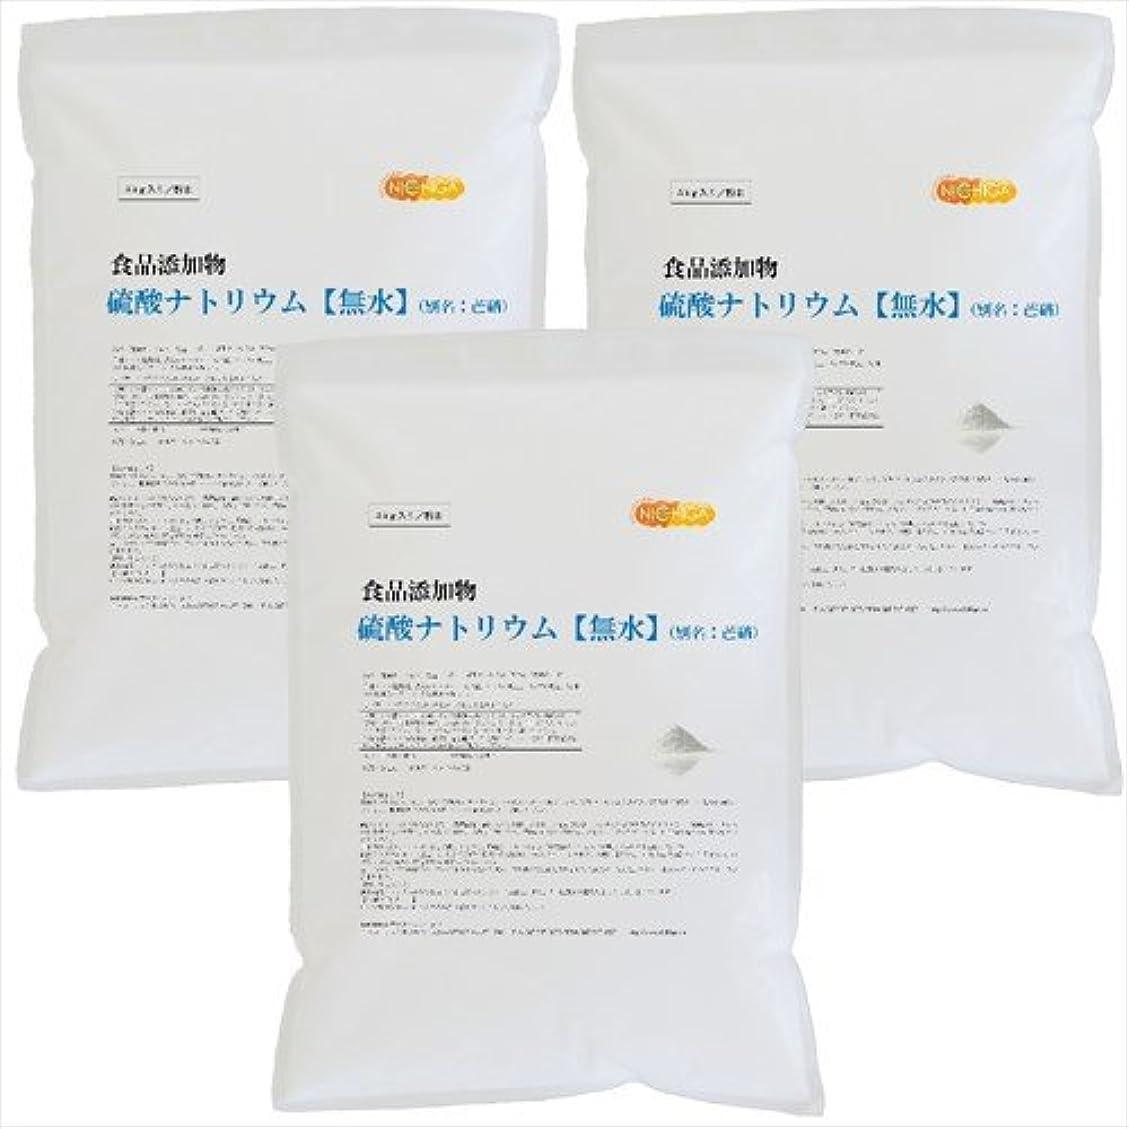 乱すレンズベーシック国産 硫酸ナトリウム 5kg×3袋【無水】芒硝 グラウバーソルト 食品添加物 [02] NICHIGA(ニチガ)